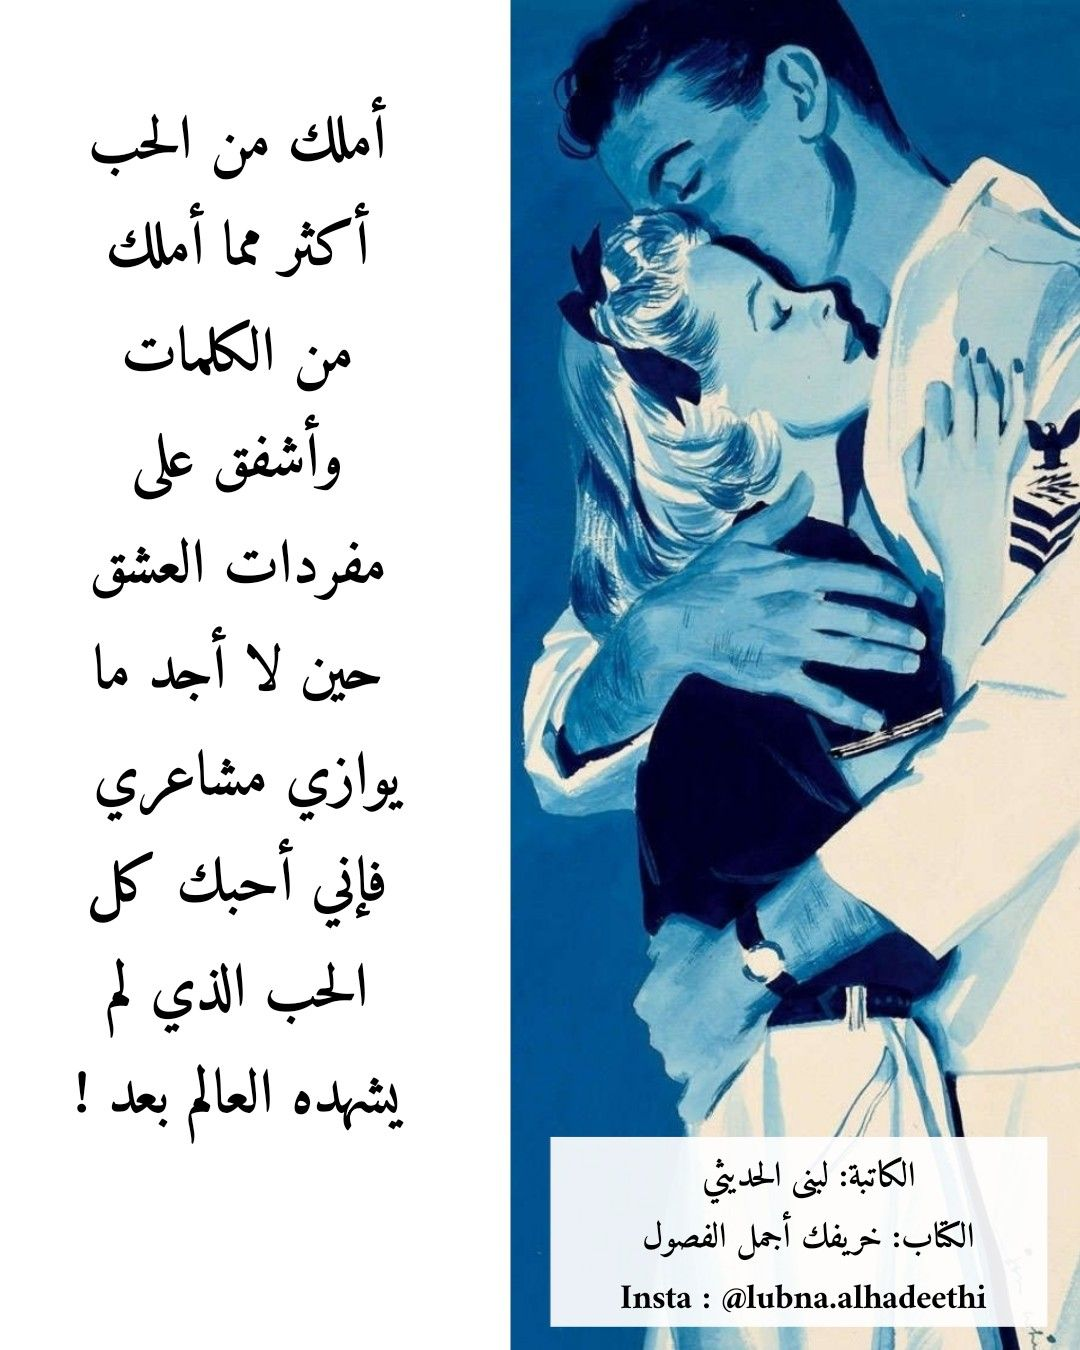 خريفك أجمل الفصول لبنى الحديثي حب اهتمام رومانسية كلمات عشق اهمال أحبك حبيبي اشتياق وفاء خيانة قلب Beautiful Arabic Words Arabic Love Quotes Love Words